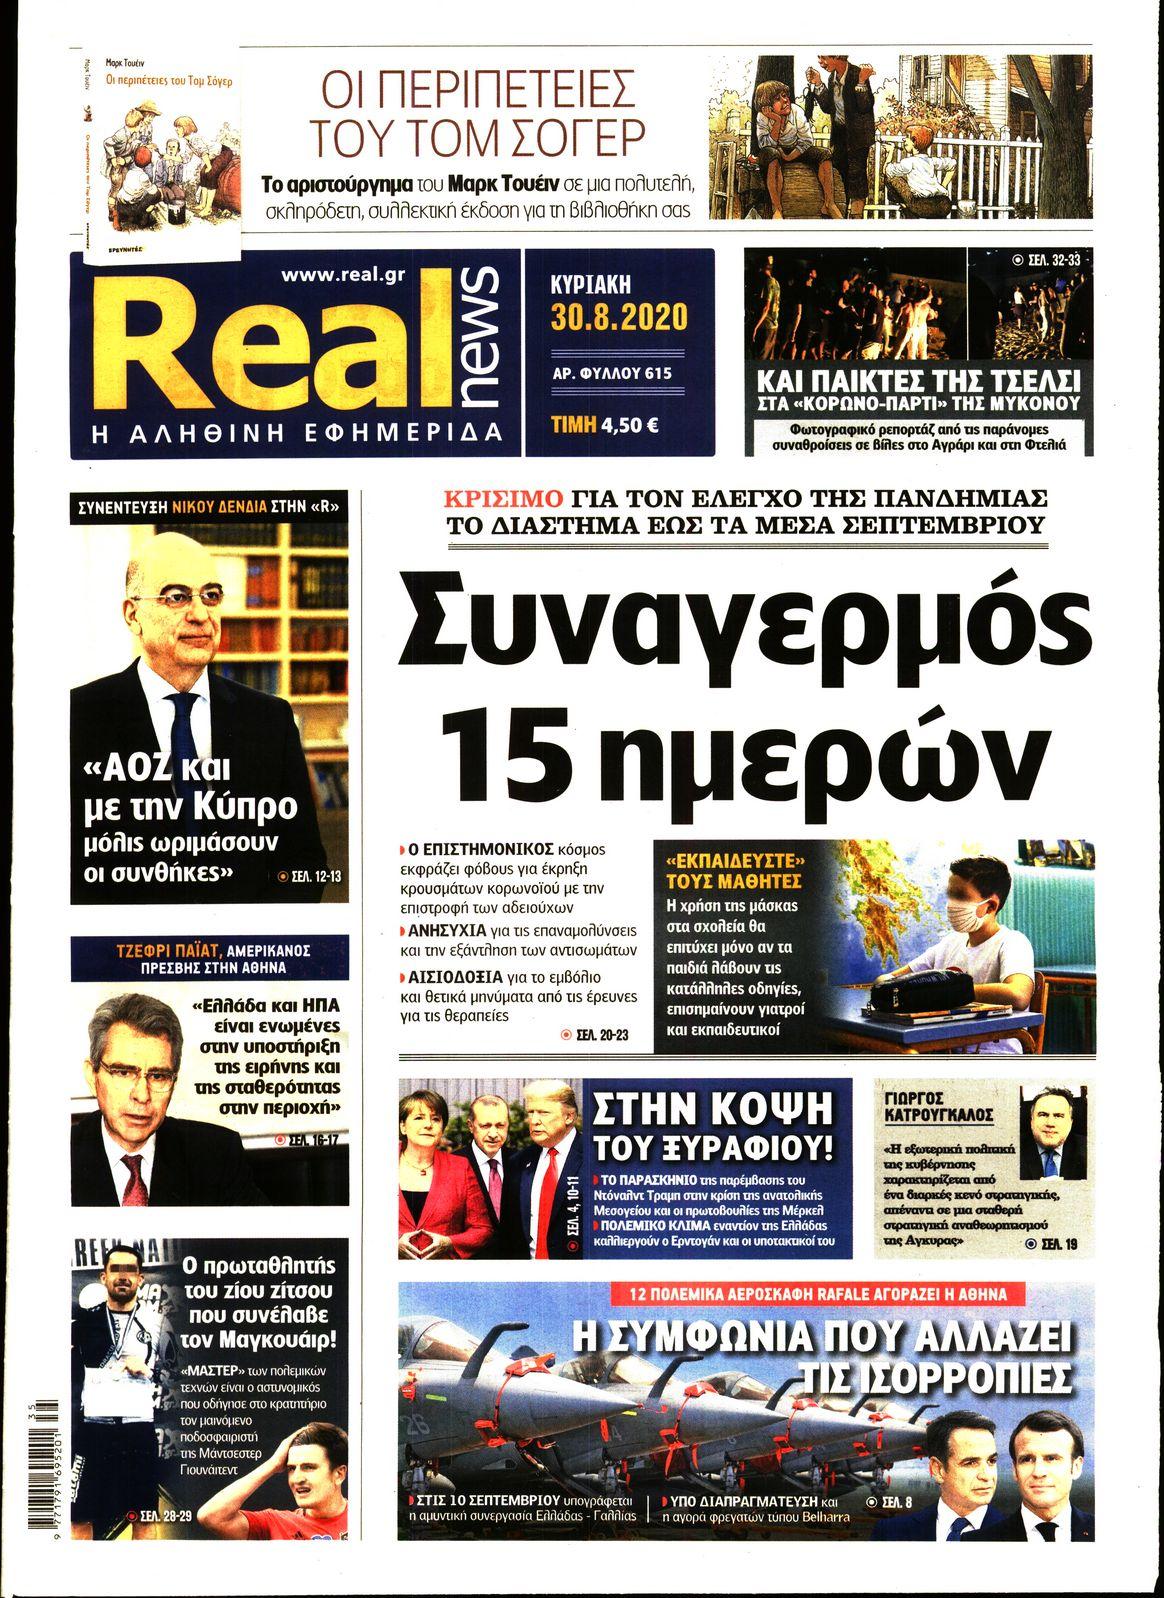 https://www.newsbeast.gr/files/1/newspapers/2020/08/30/27371270_2415.jpg